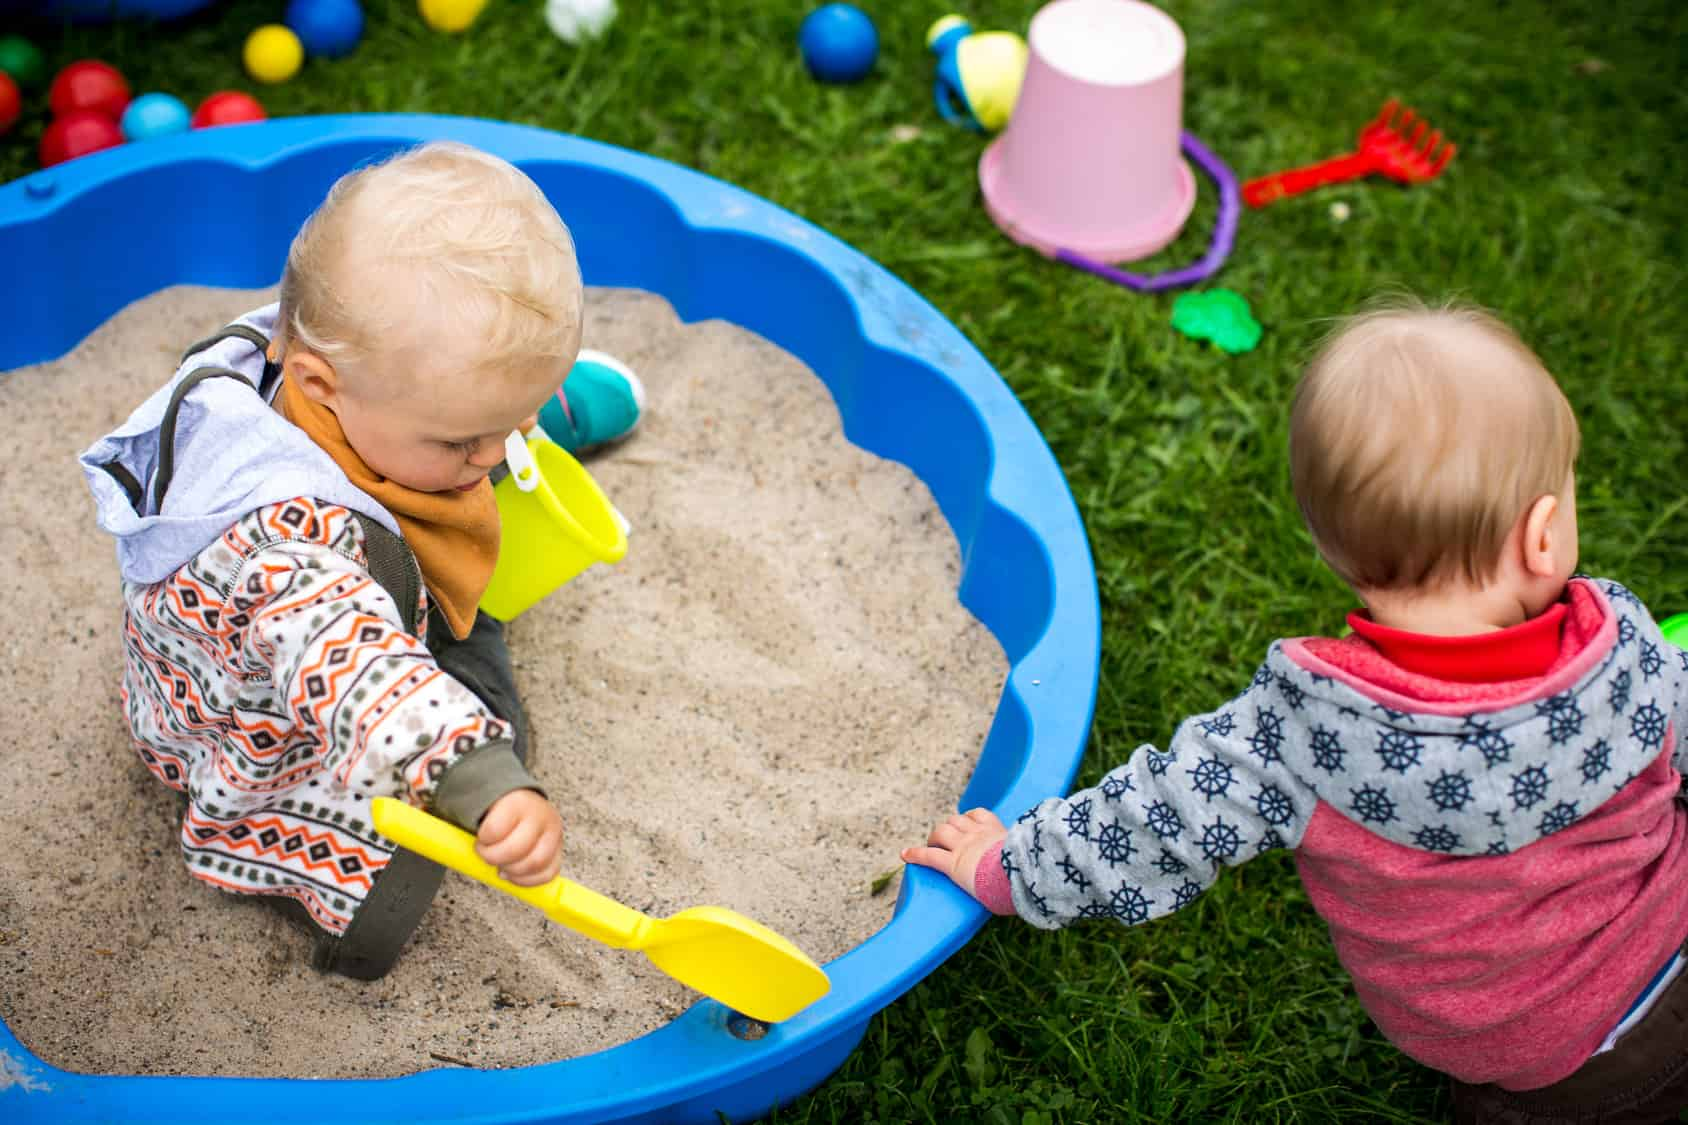 Małe dzieci bawią się w piaskownice